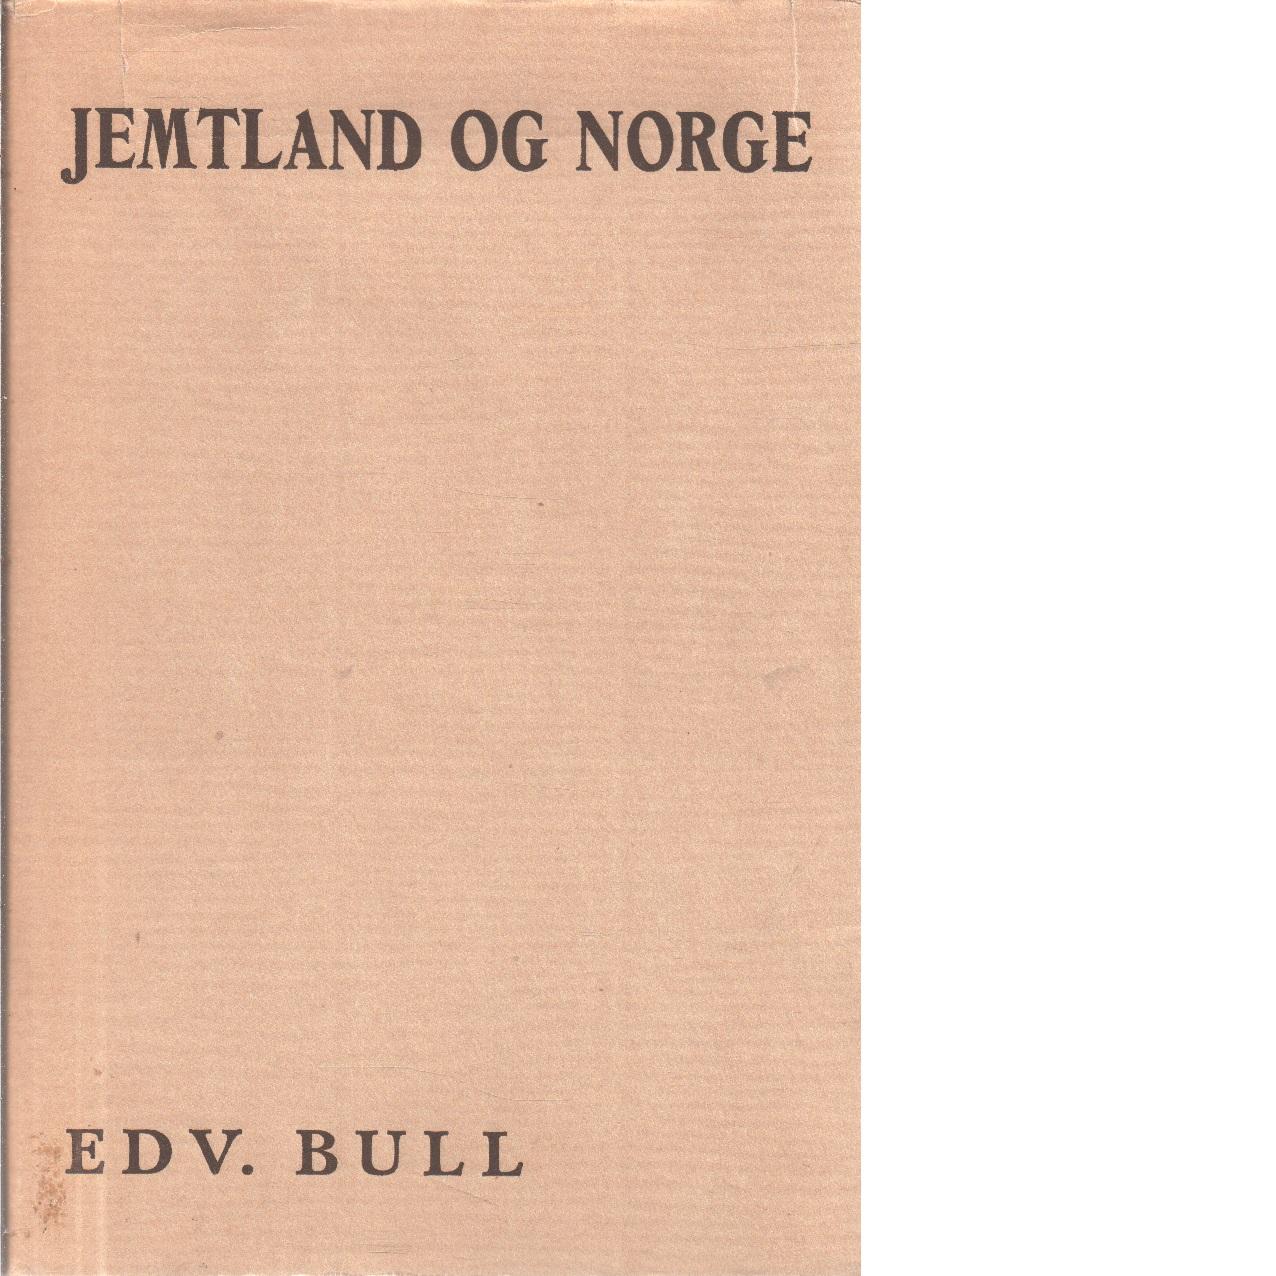 Jemtland og Norge  - Bull, Edv.